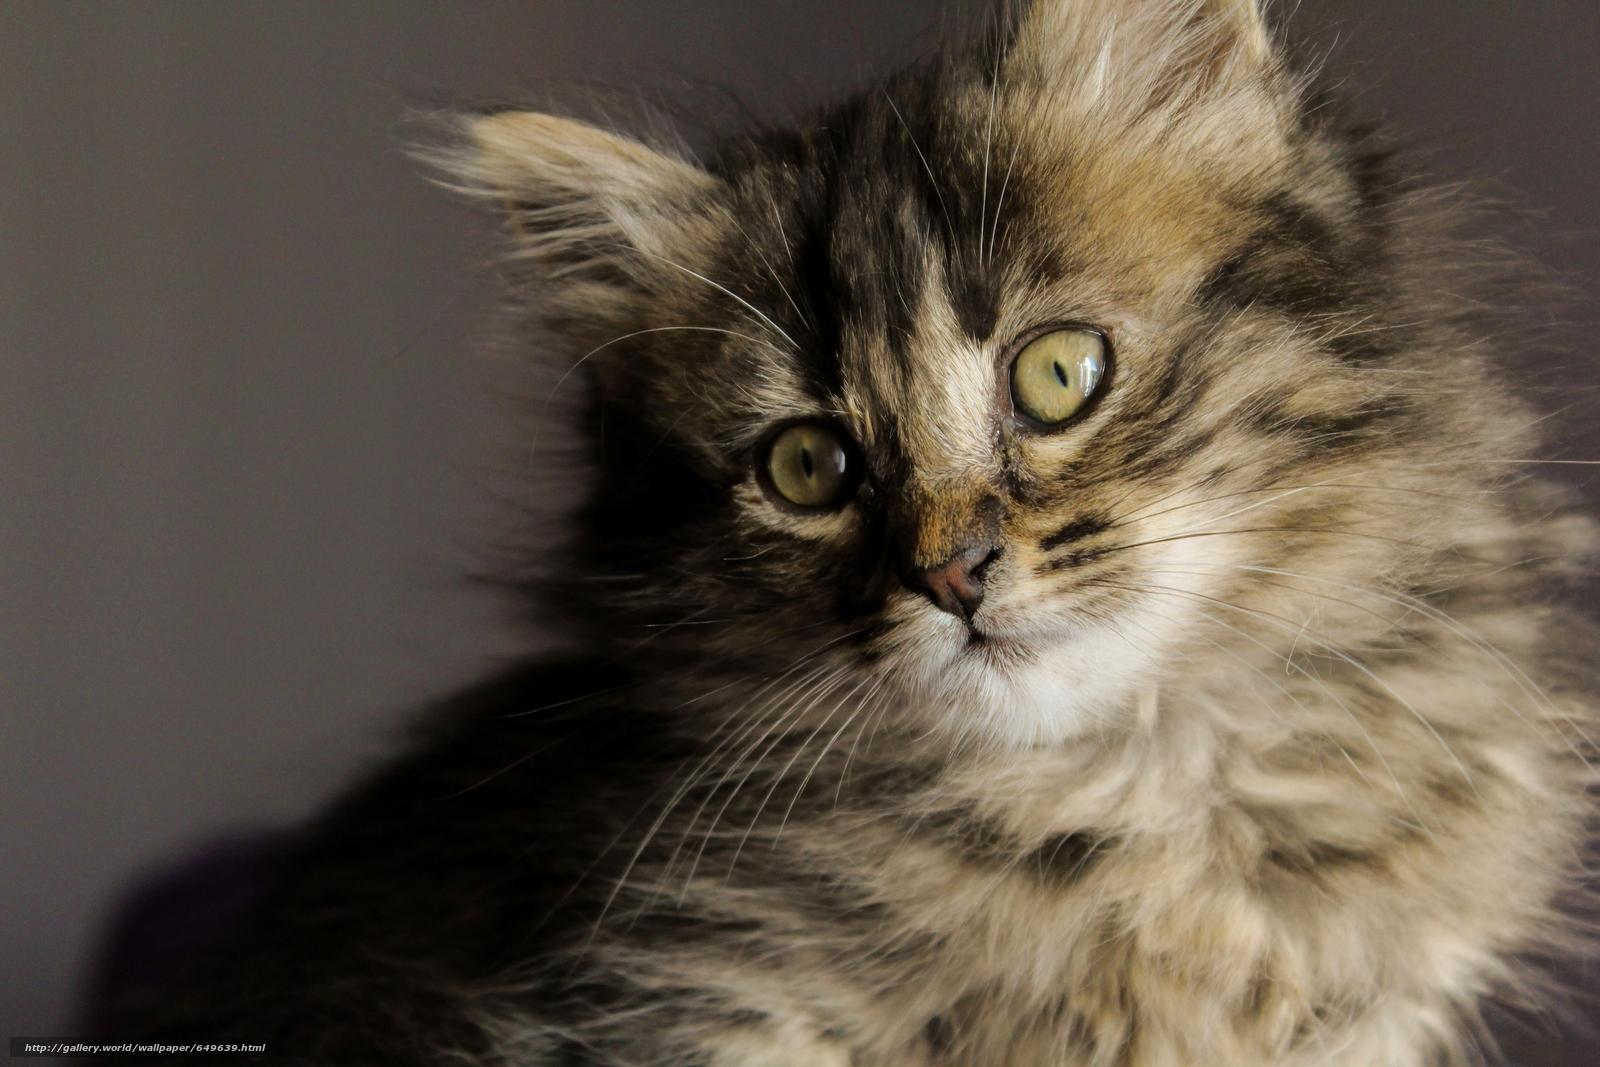 壁紙をダウンロード 子猫,  ふわっとした,  銃口,  ビュー デスクトップの解像度のための無料壁紙 5184x3456 — 絵 №649639